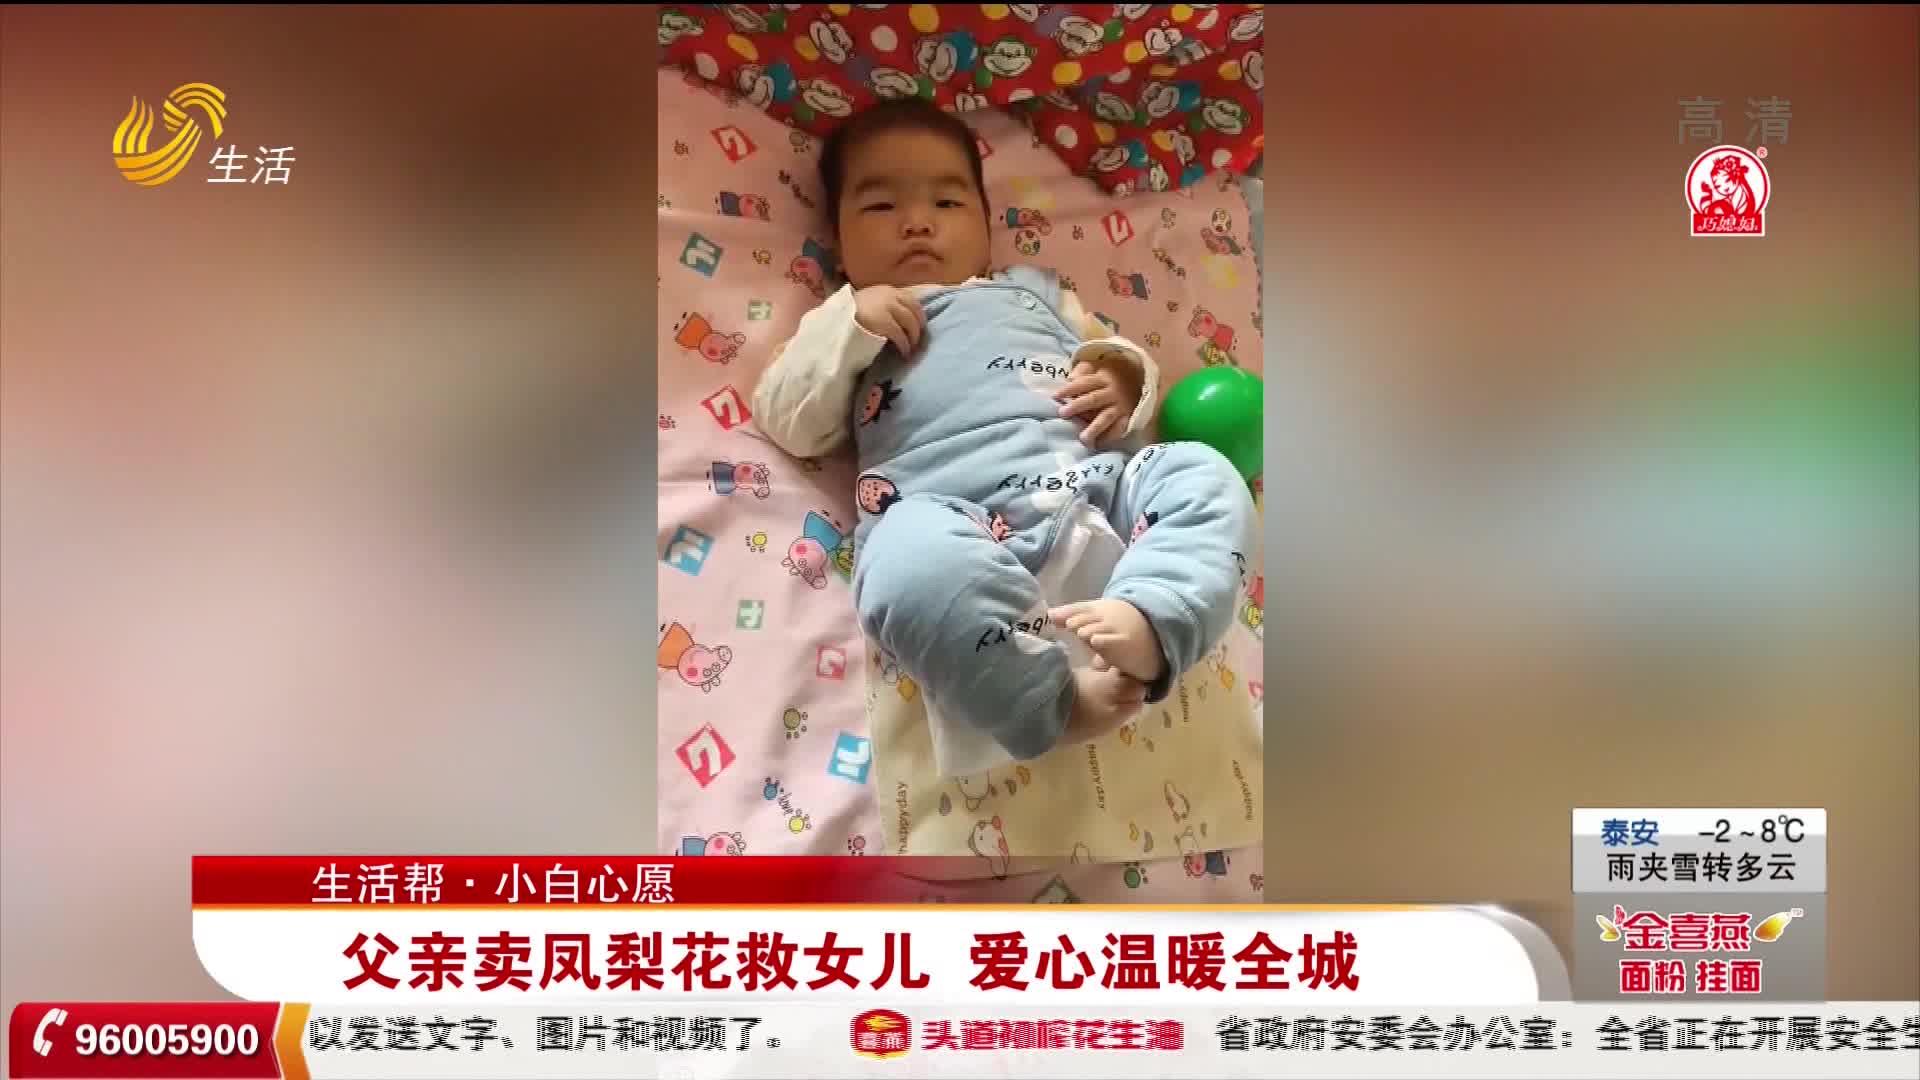 【生活帮·小白心愿】父亲卖凤梨花救女儿 爱心温暖全城